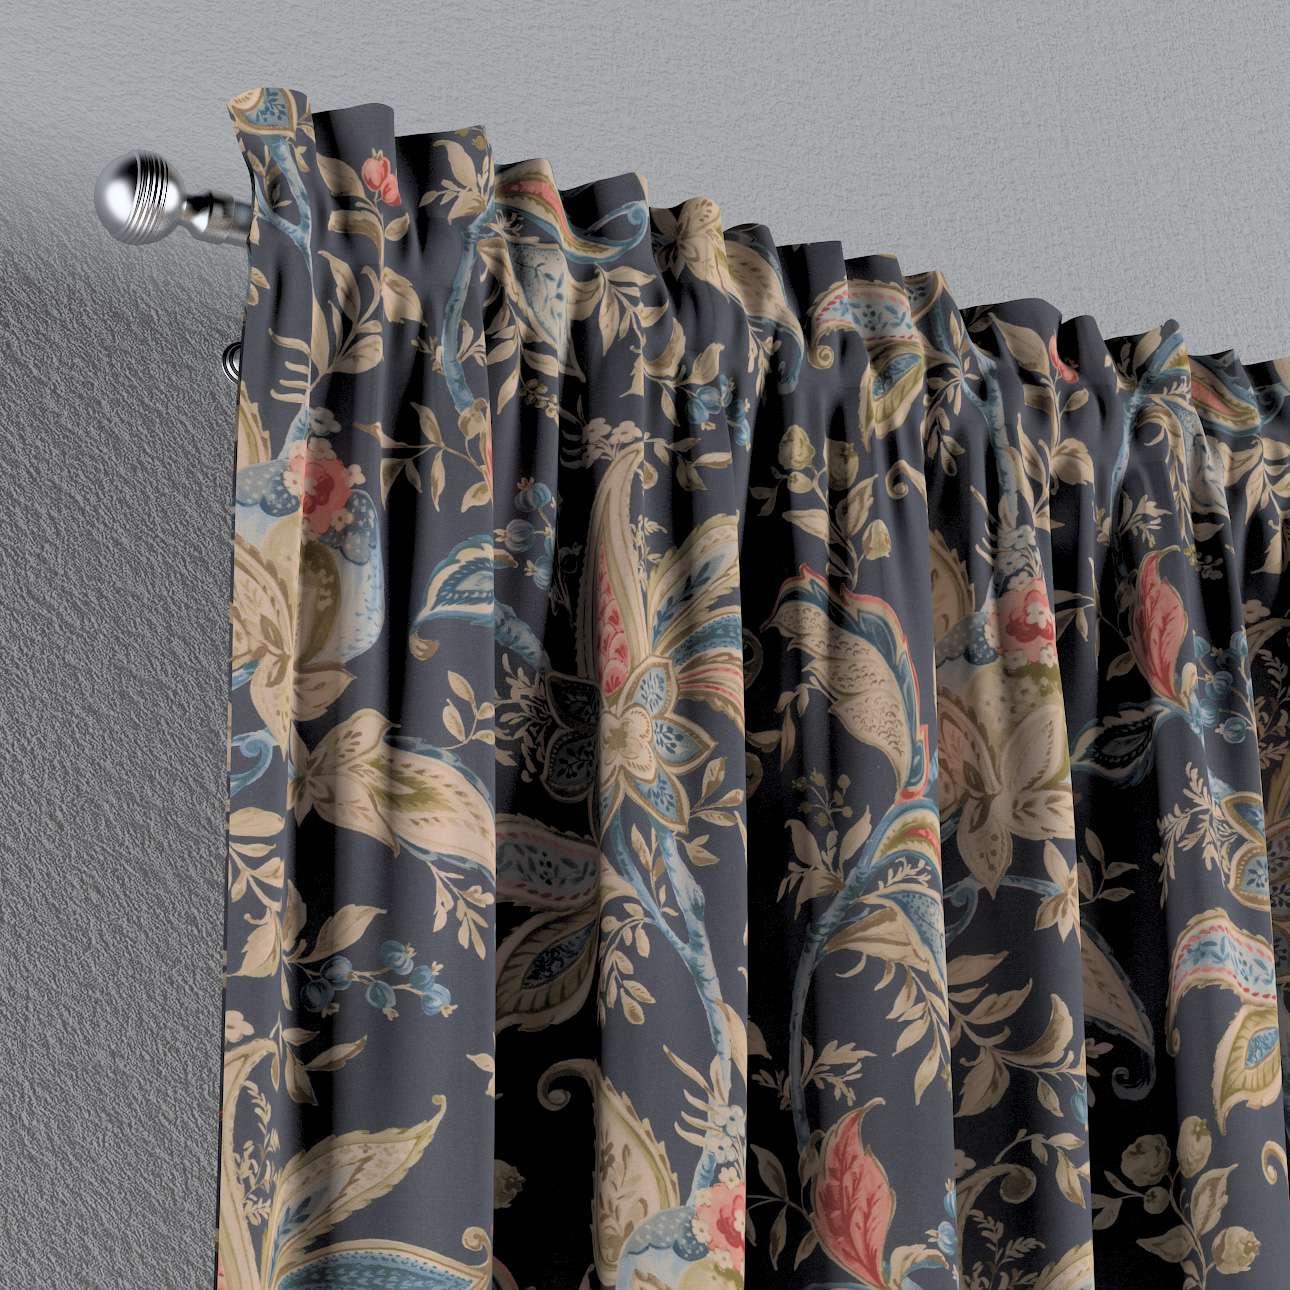 Zasłona na kanale z grzywką 1 szt. w kolekcji Gardenia, tkanina: 142-19